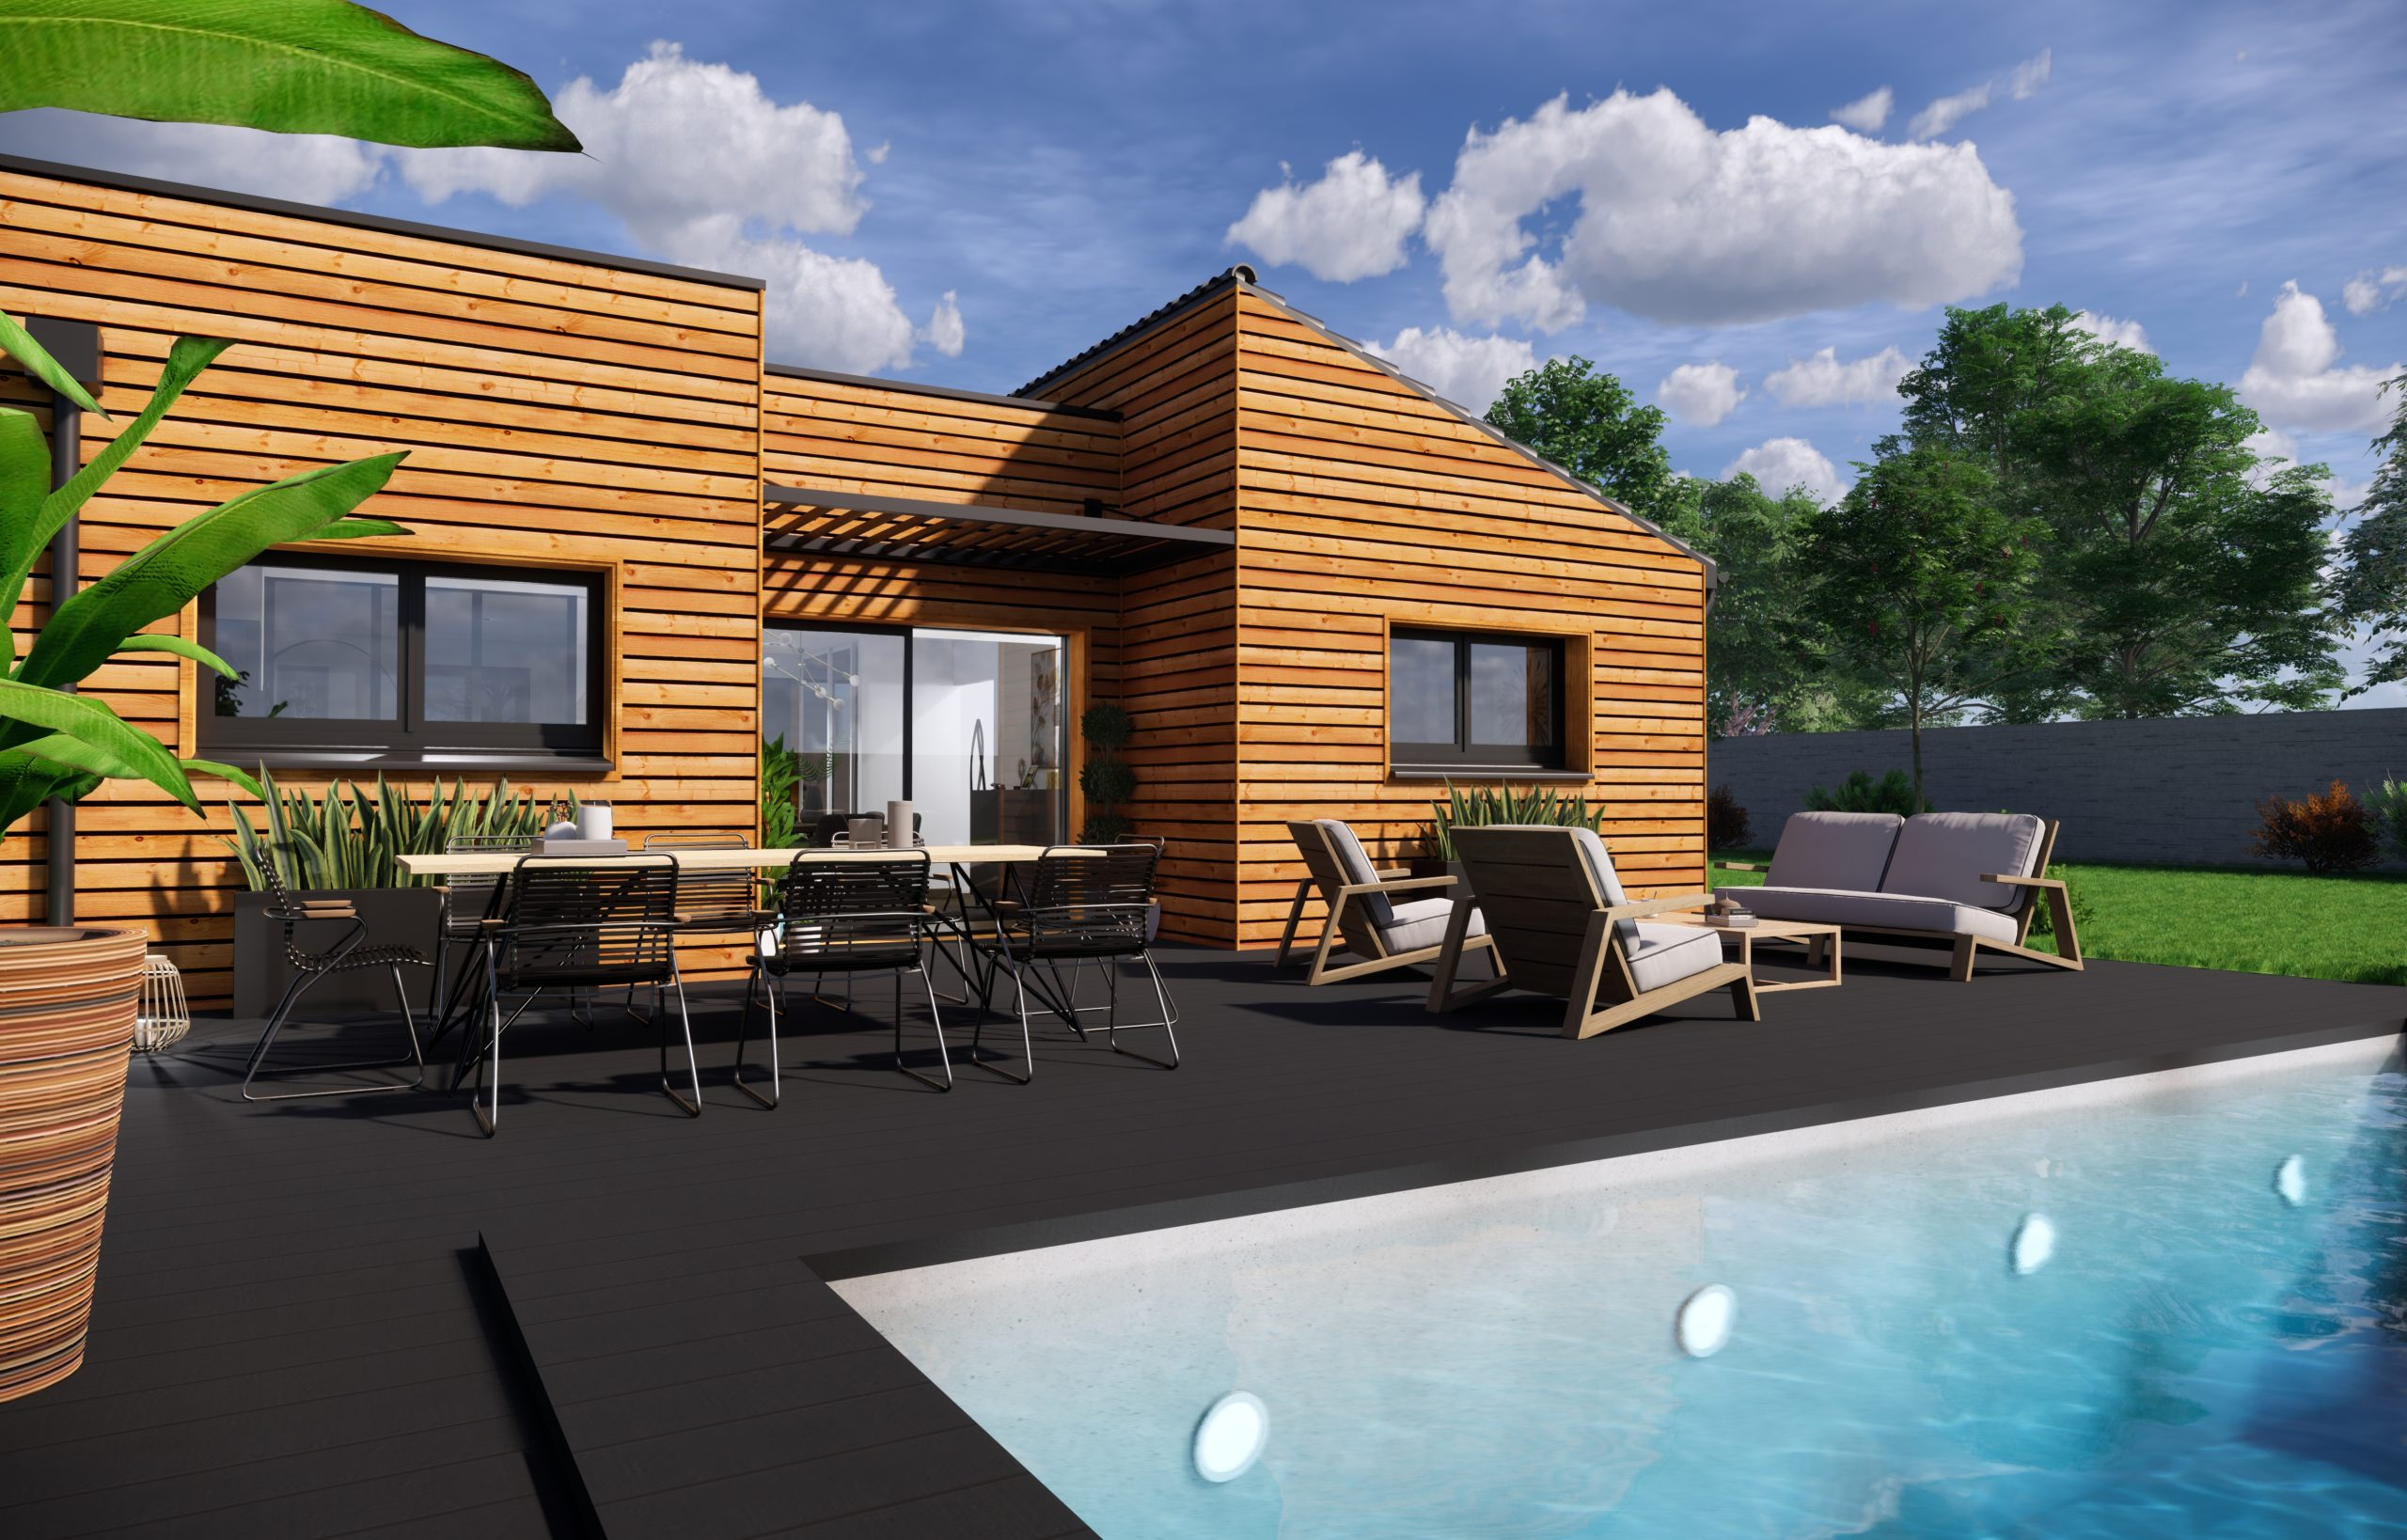 projet-de-construction-nouvelle-condor-terrain-à-vendre-constructeur-de-maisons-individuelles-en-bois-périgord-maisons-bois